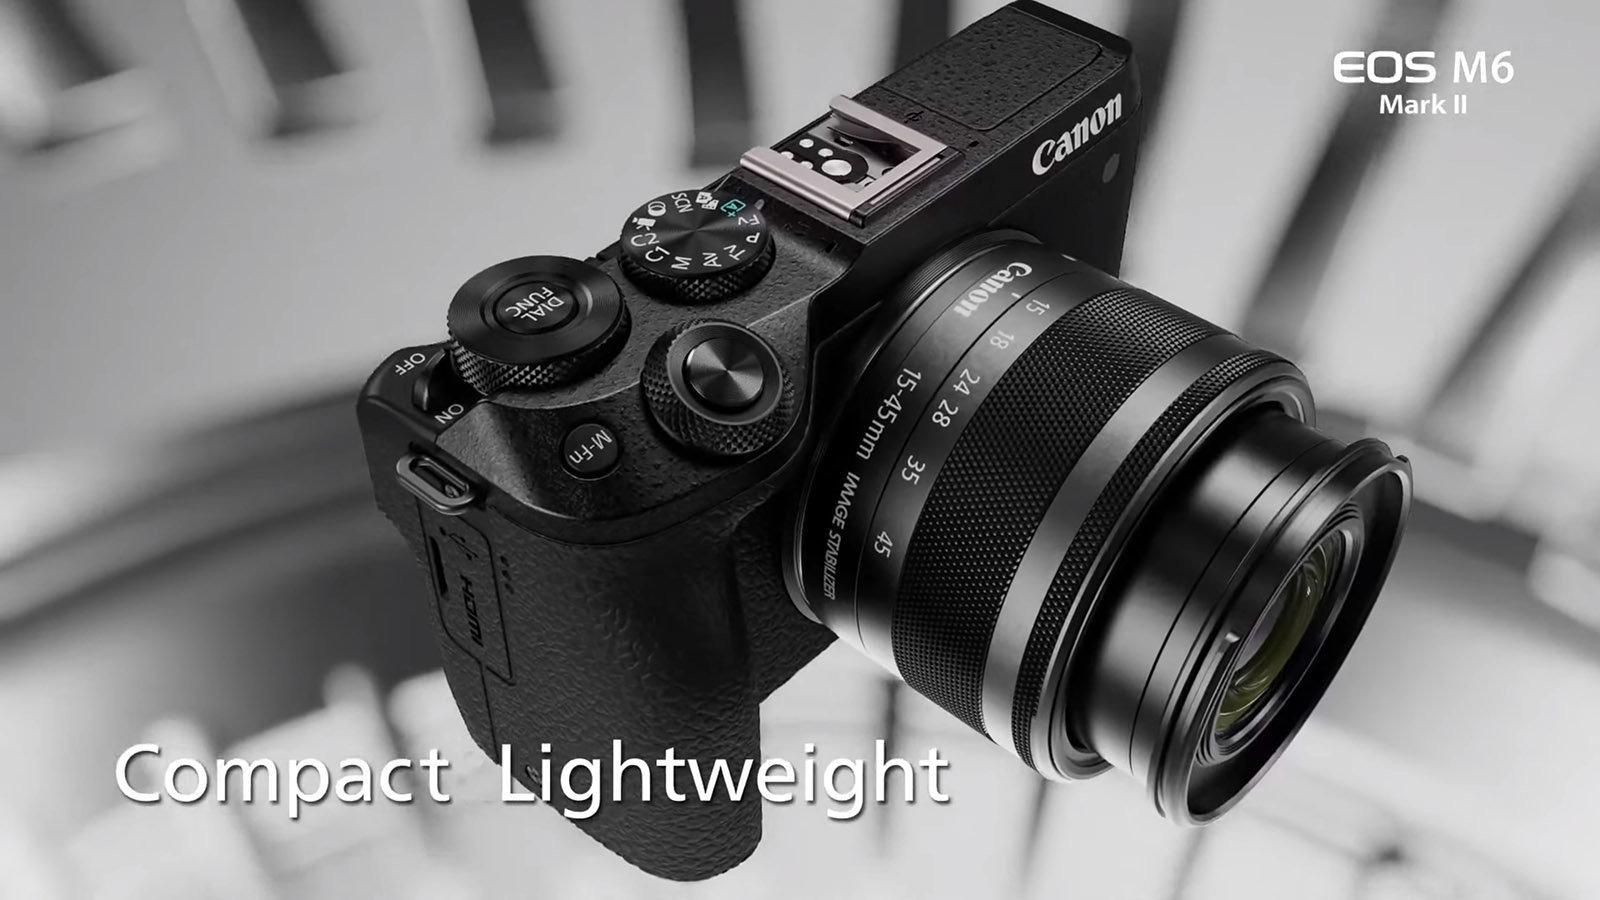 Rò rỉ bộ đôi máy ảnh DSLR EOS 90D và mirrorless EOS M6 Mark II sắp ra mắt của Canon ảnh 2